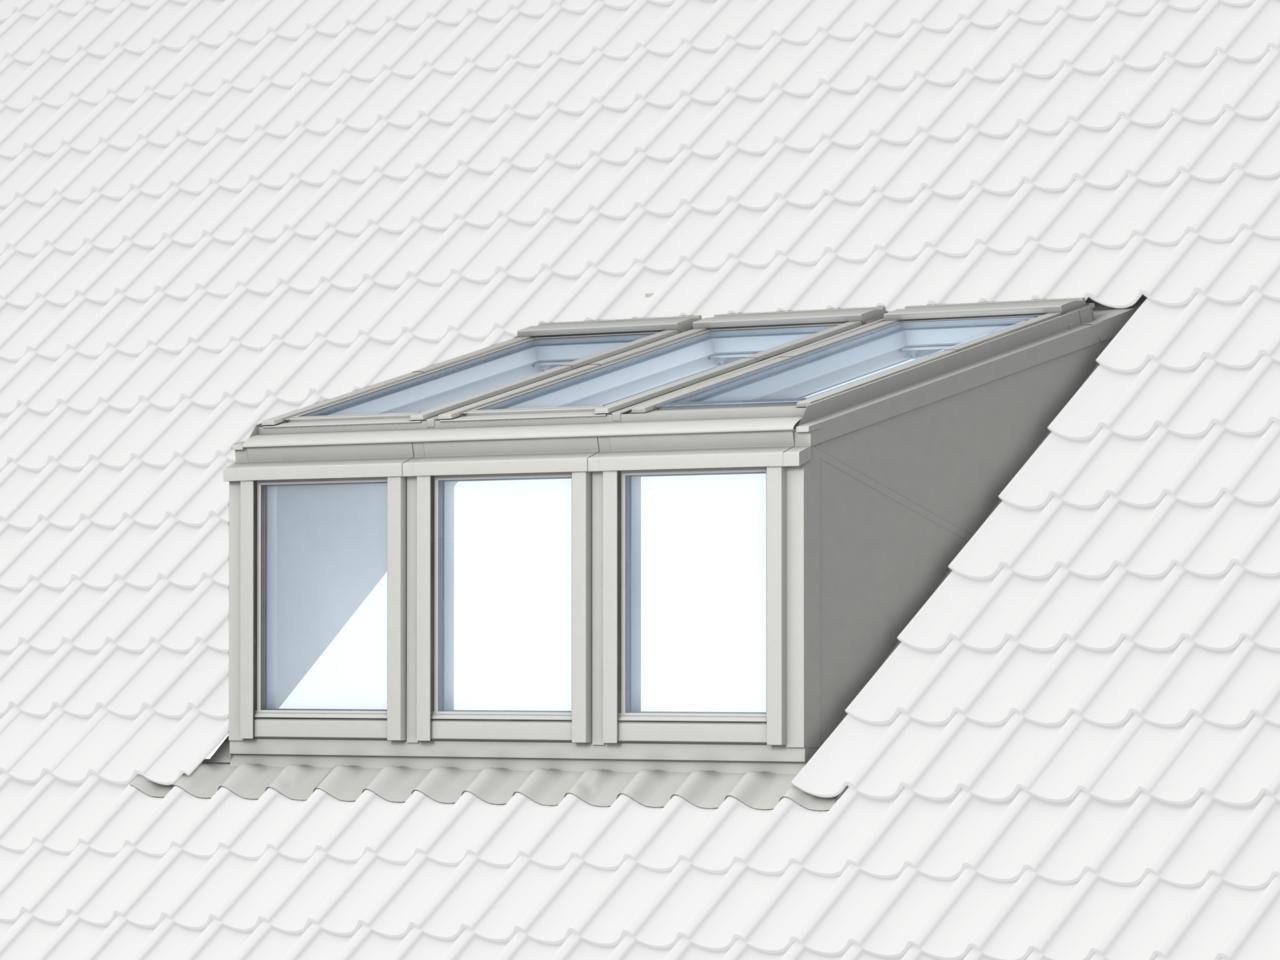 Posizionamento e misure delle finestre per tetti for Finestre tipo velux prezzi